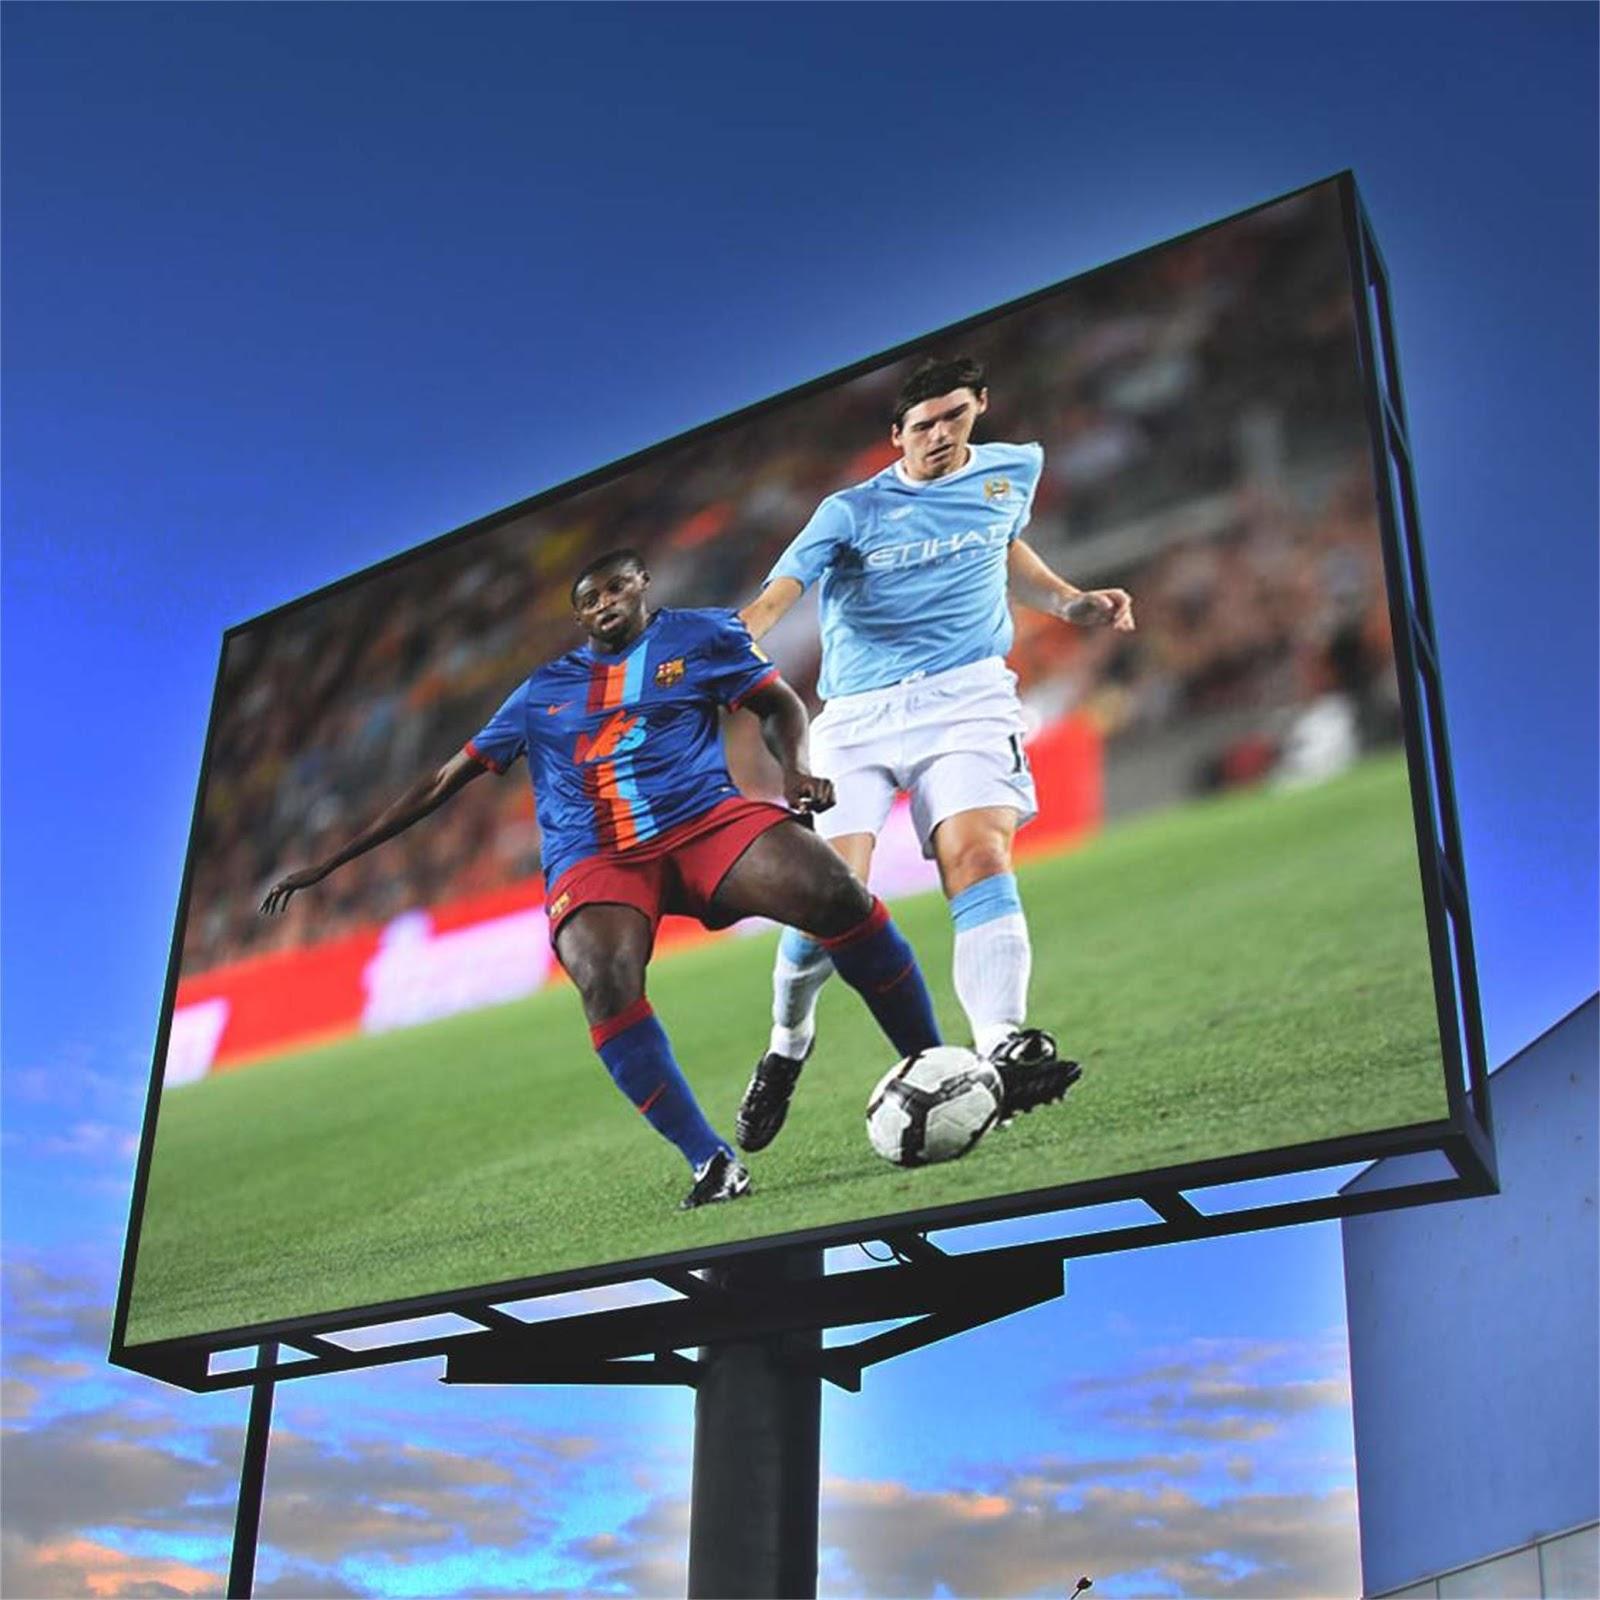 Địa chỉ cung cấp màn hình Led p3 indoor giá rẻ